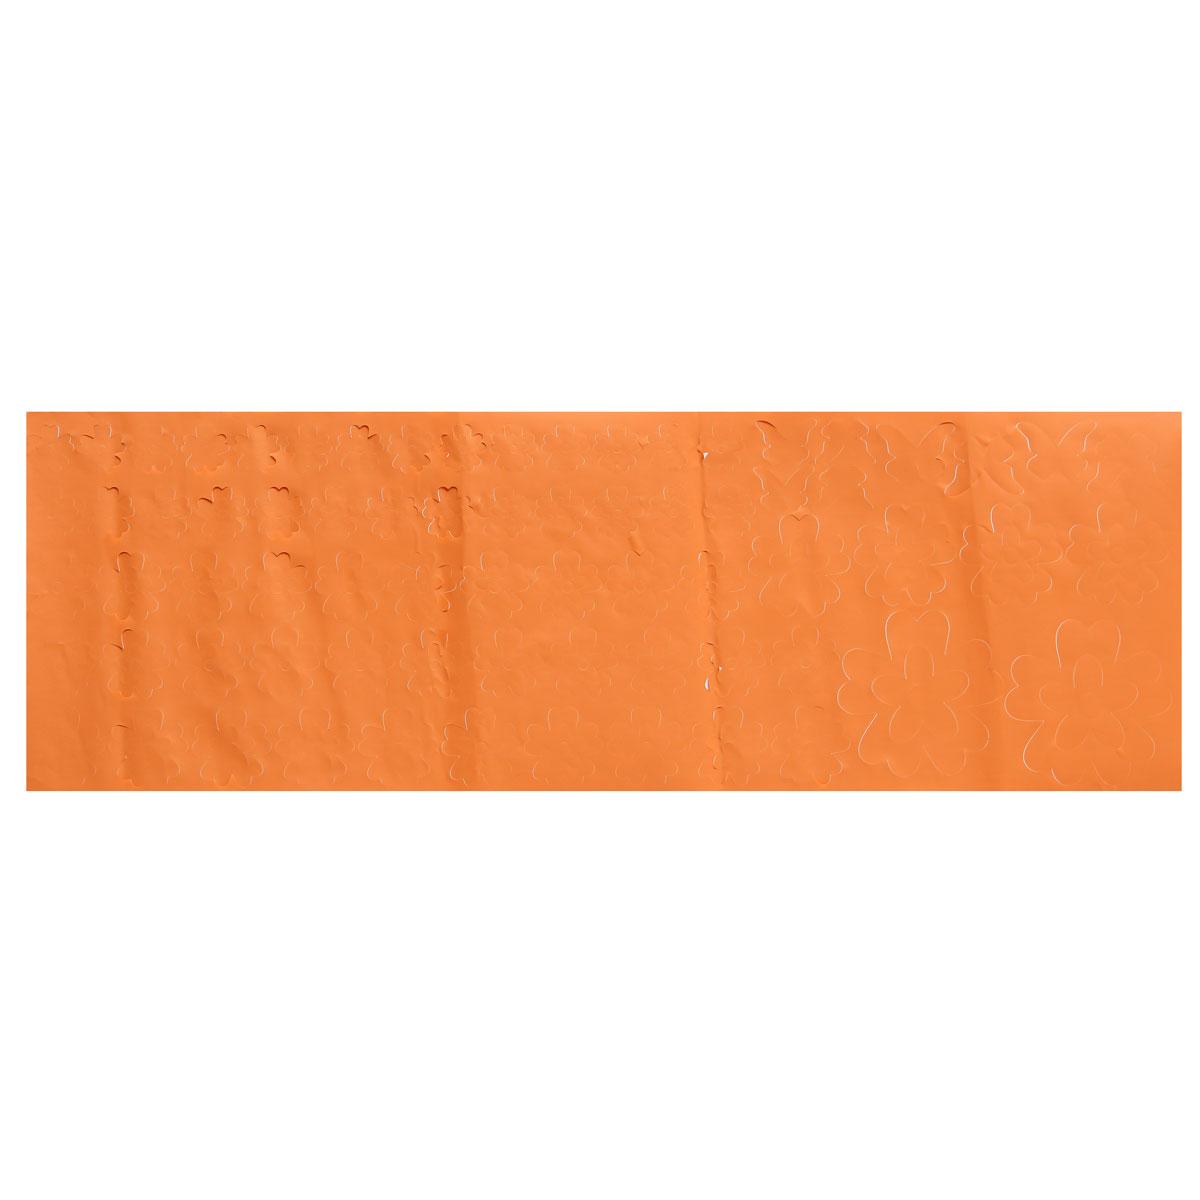 wohnzimmer deko orange: Wandsticker Tattoo Wohnzimmer Deko Orange ...